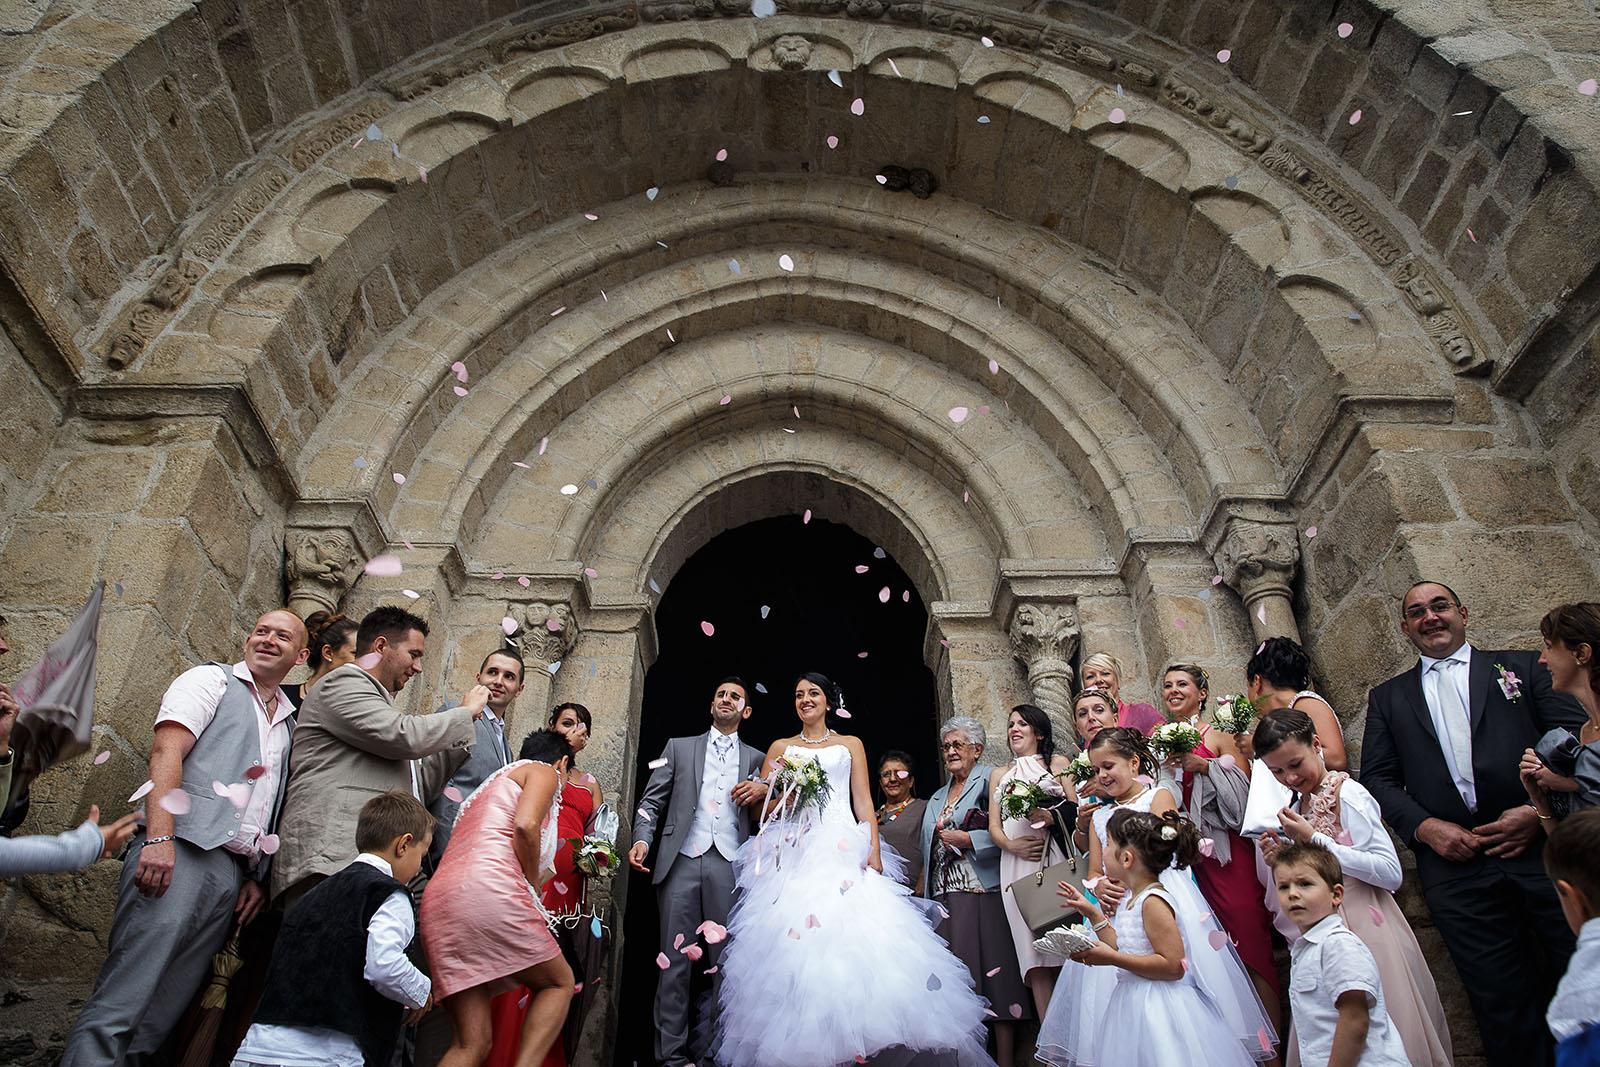 Sortie de l'église par les jeunes mariés. Photo réalisée par Castille ALMA photographe de mariage à Chambéry.